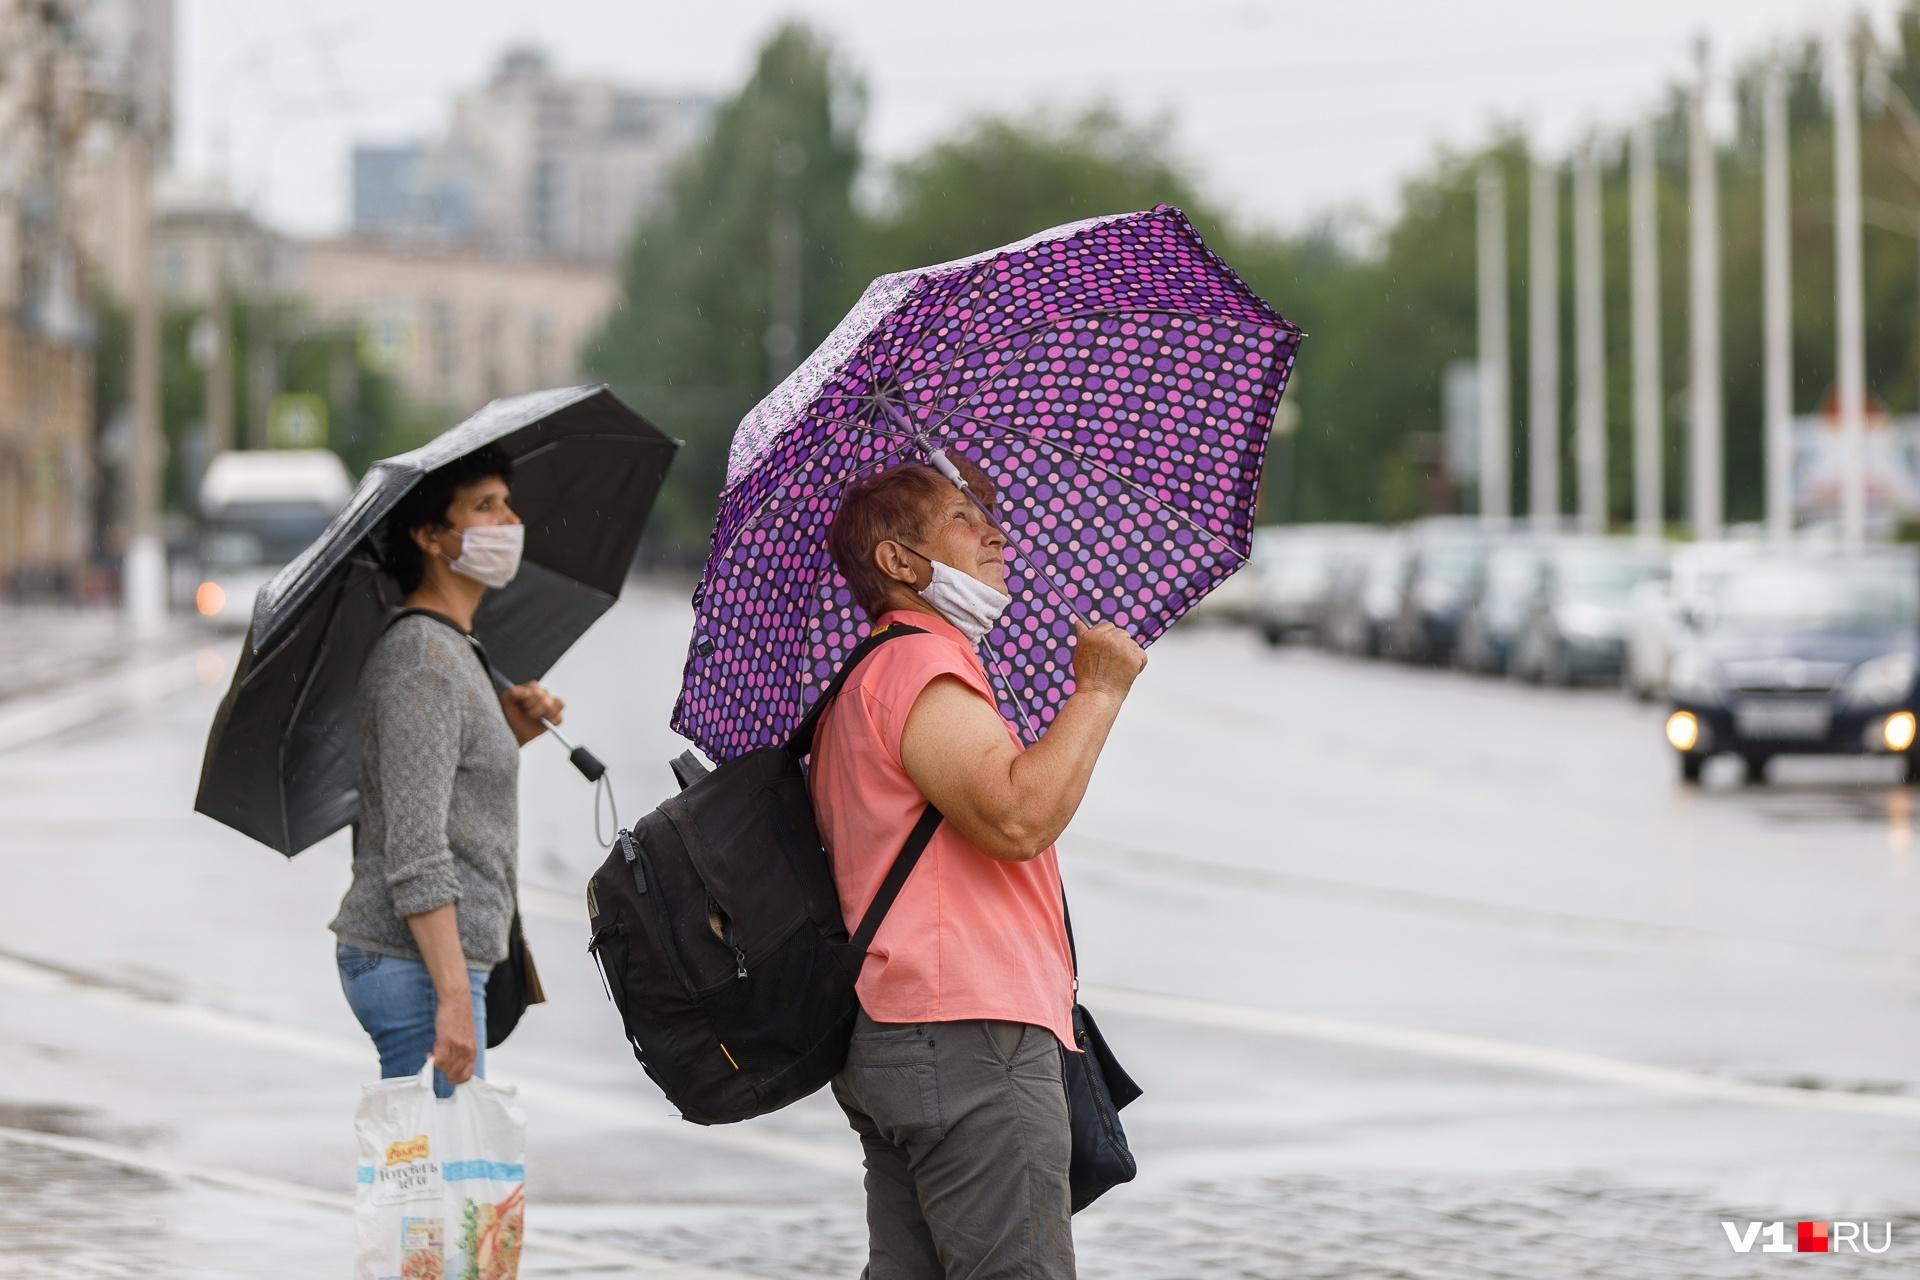 Обязательный набор на ближайшие дни — перчатки, маска и зонт